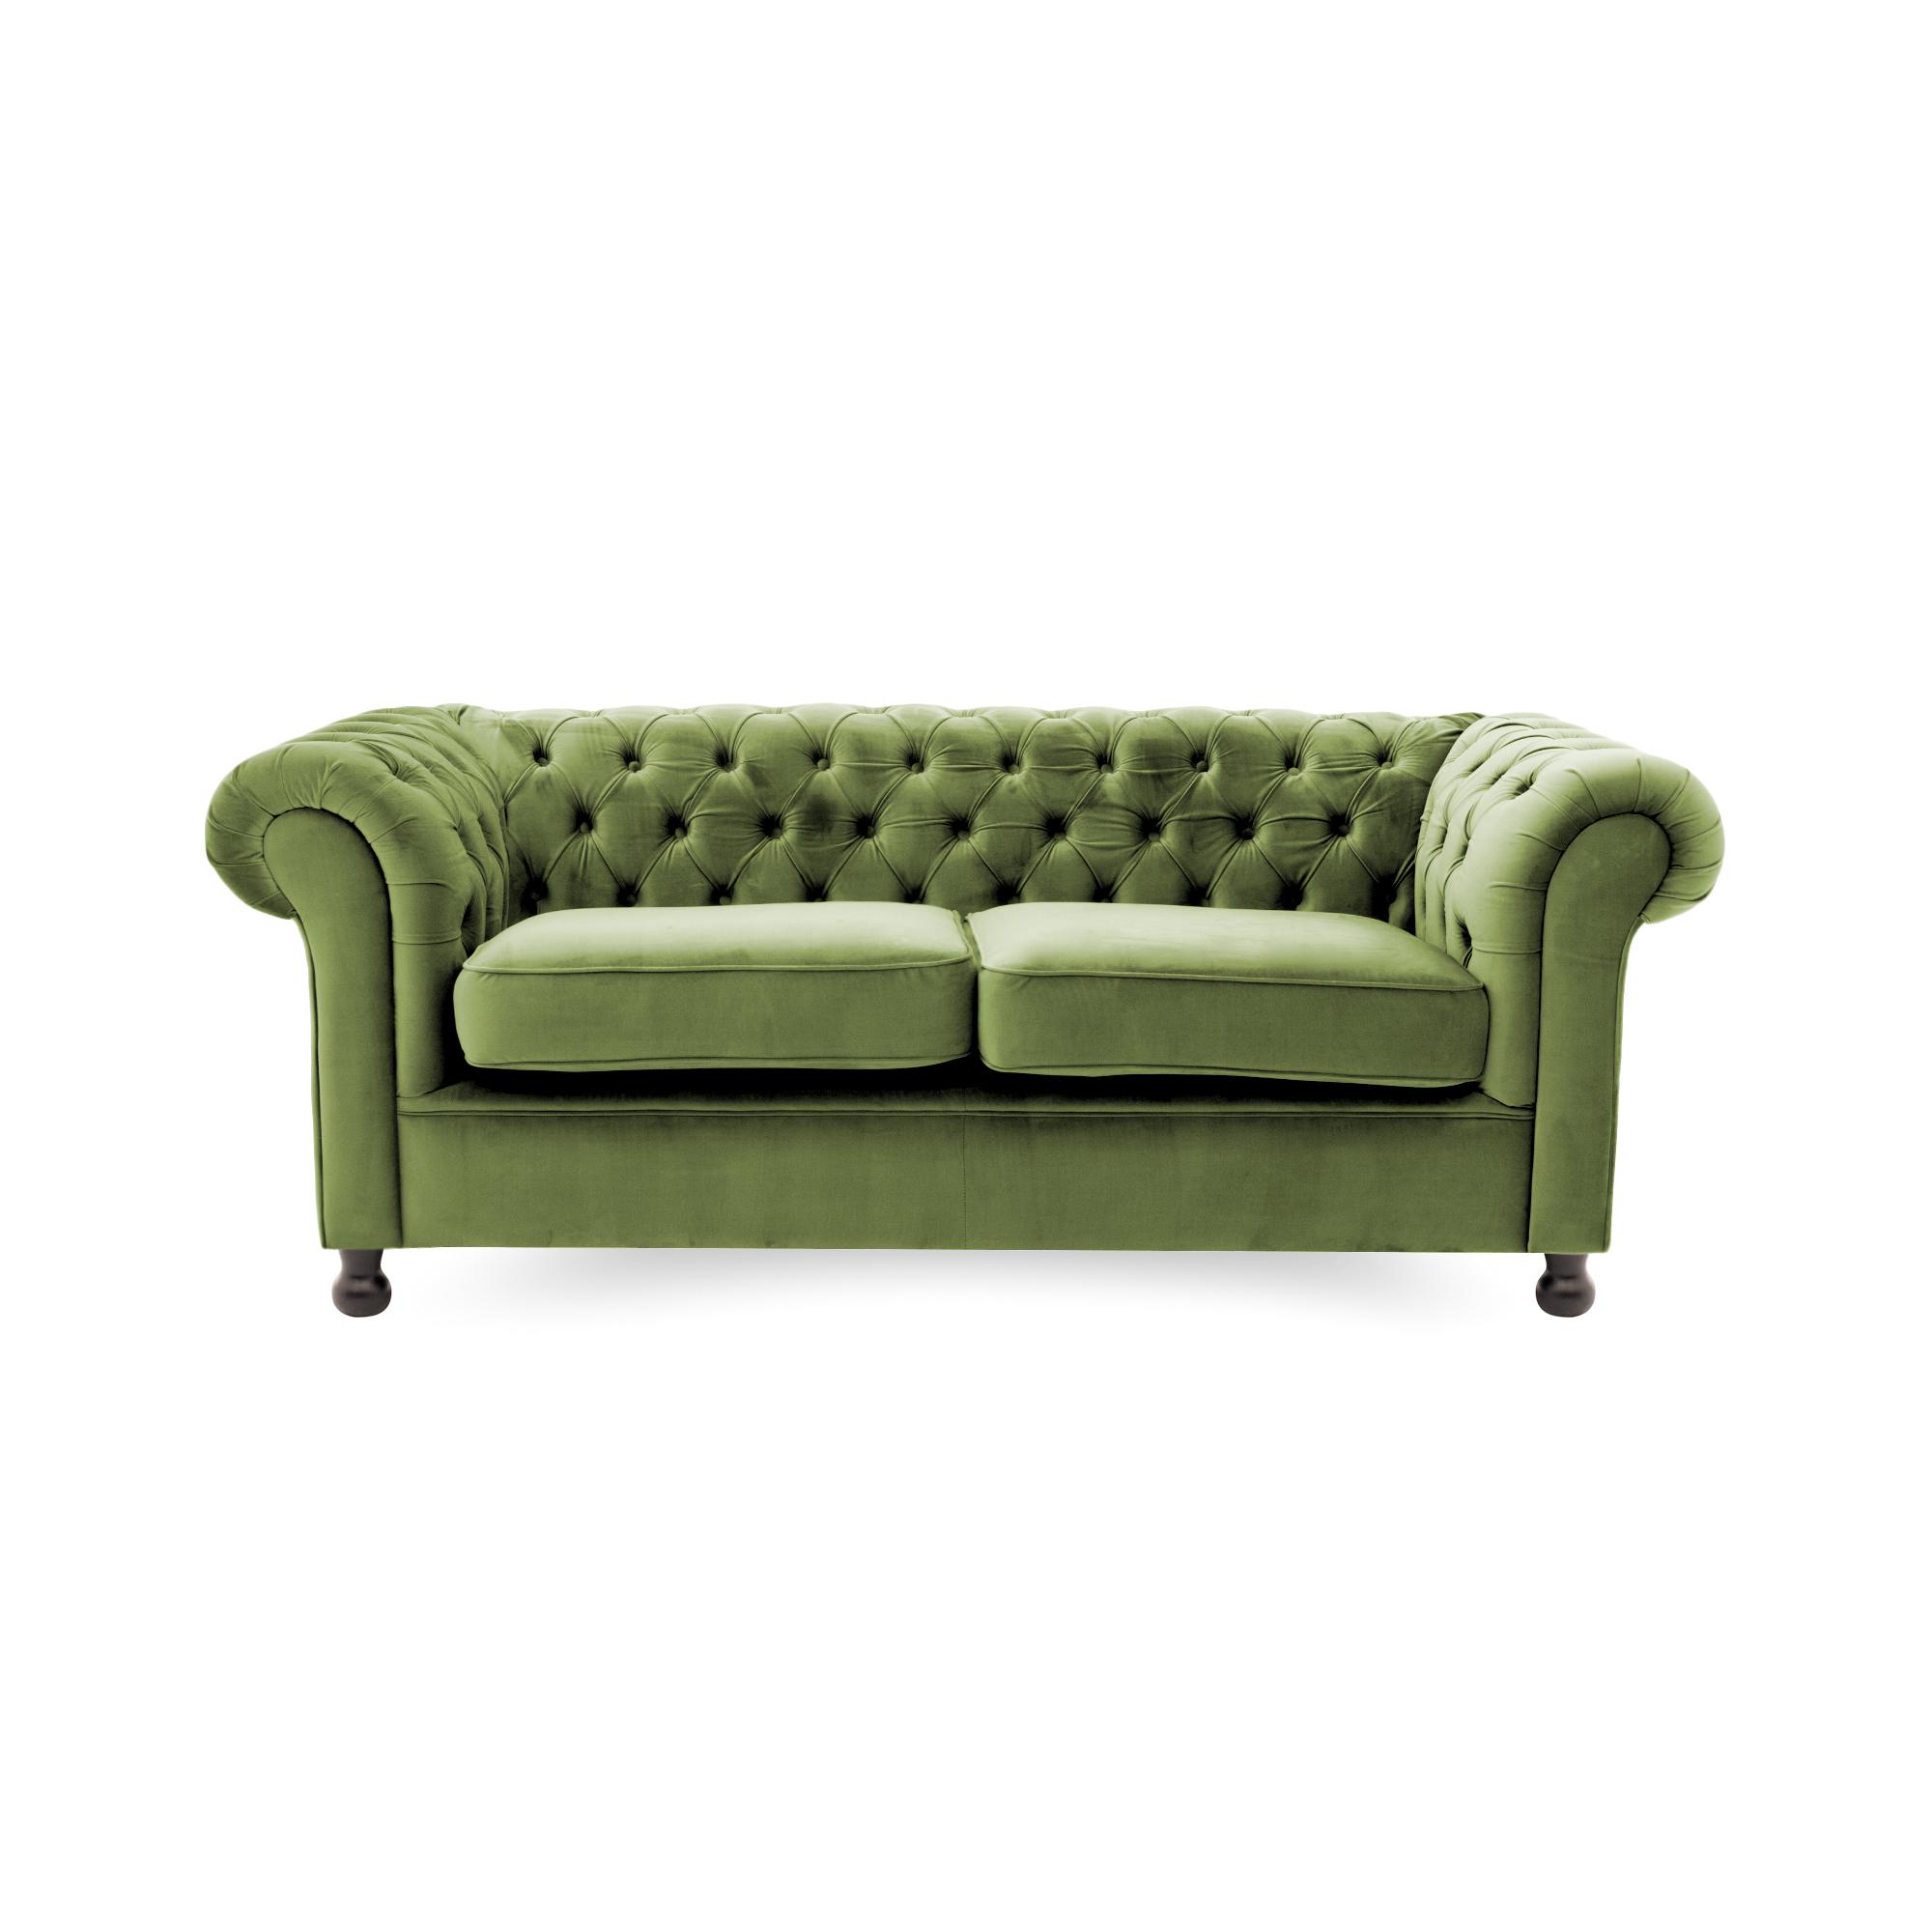 Canapea Fixa 3 locuri Chesterfield Olive Green